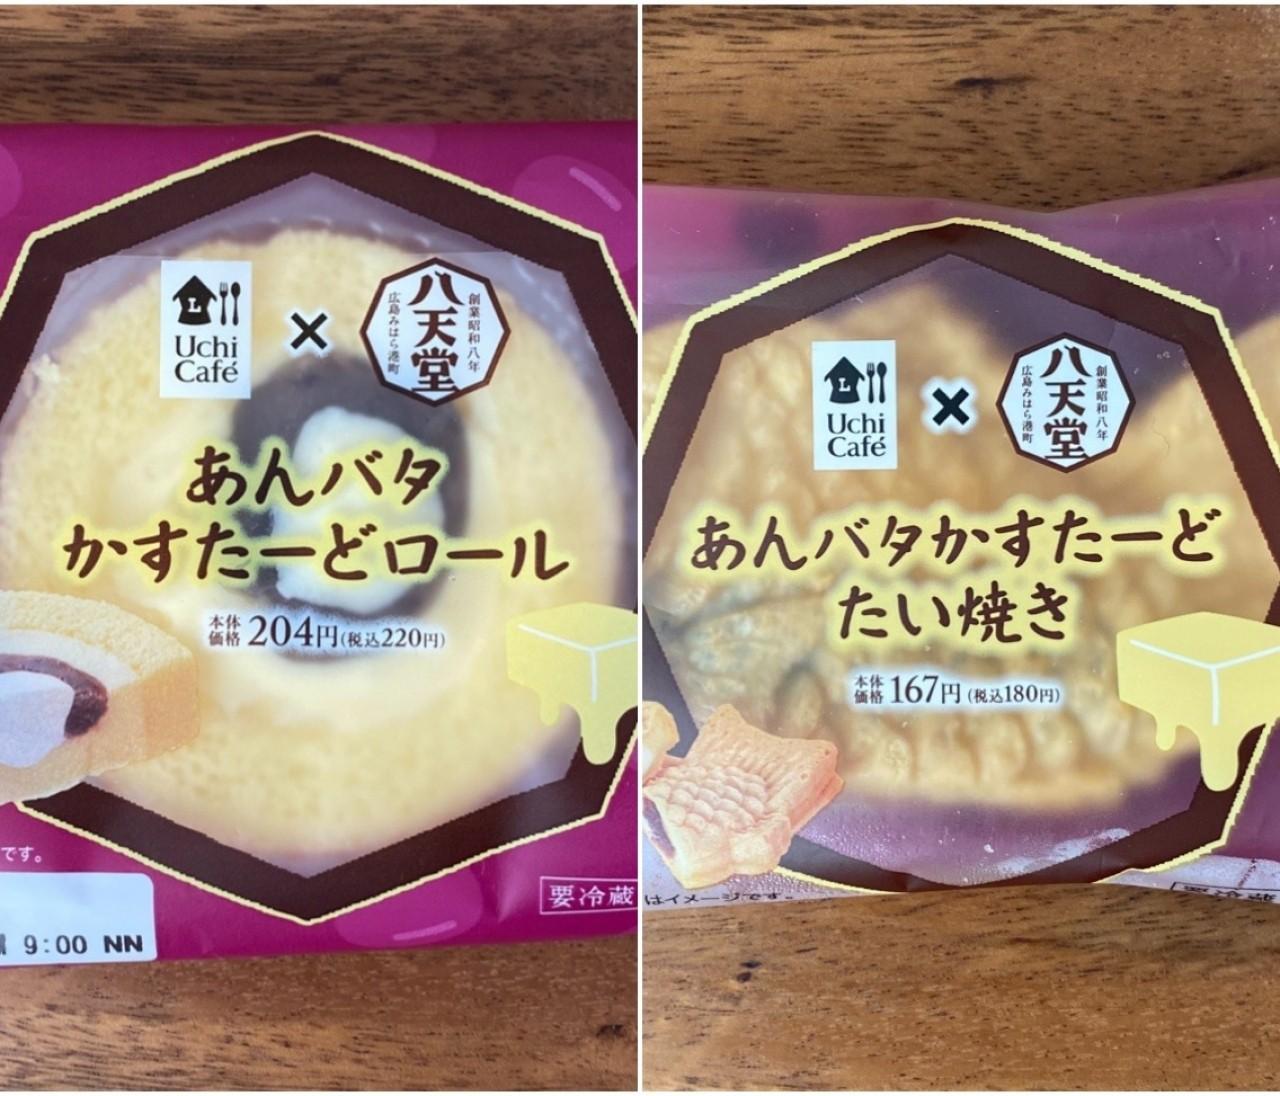 【ローソン】八天堂コラボ「あんバタ」かすたーどクリームスイーツが絶品♡